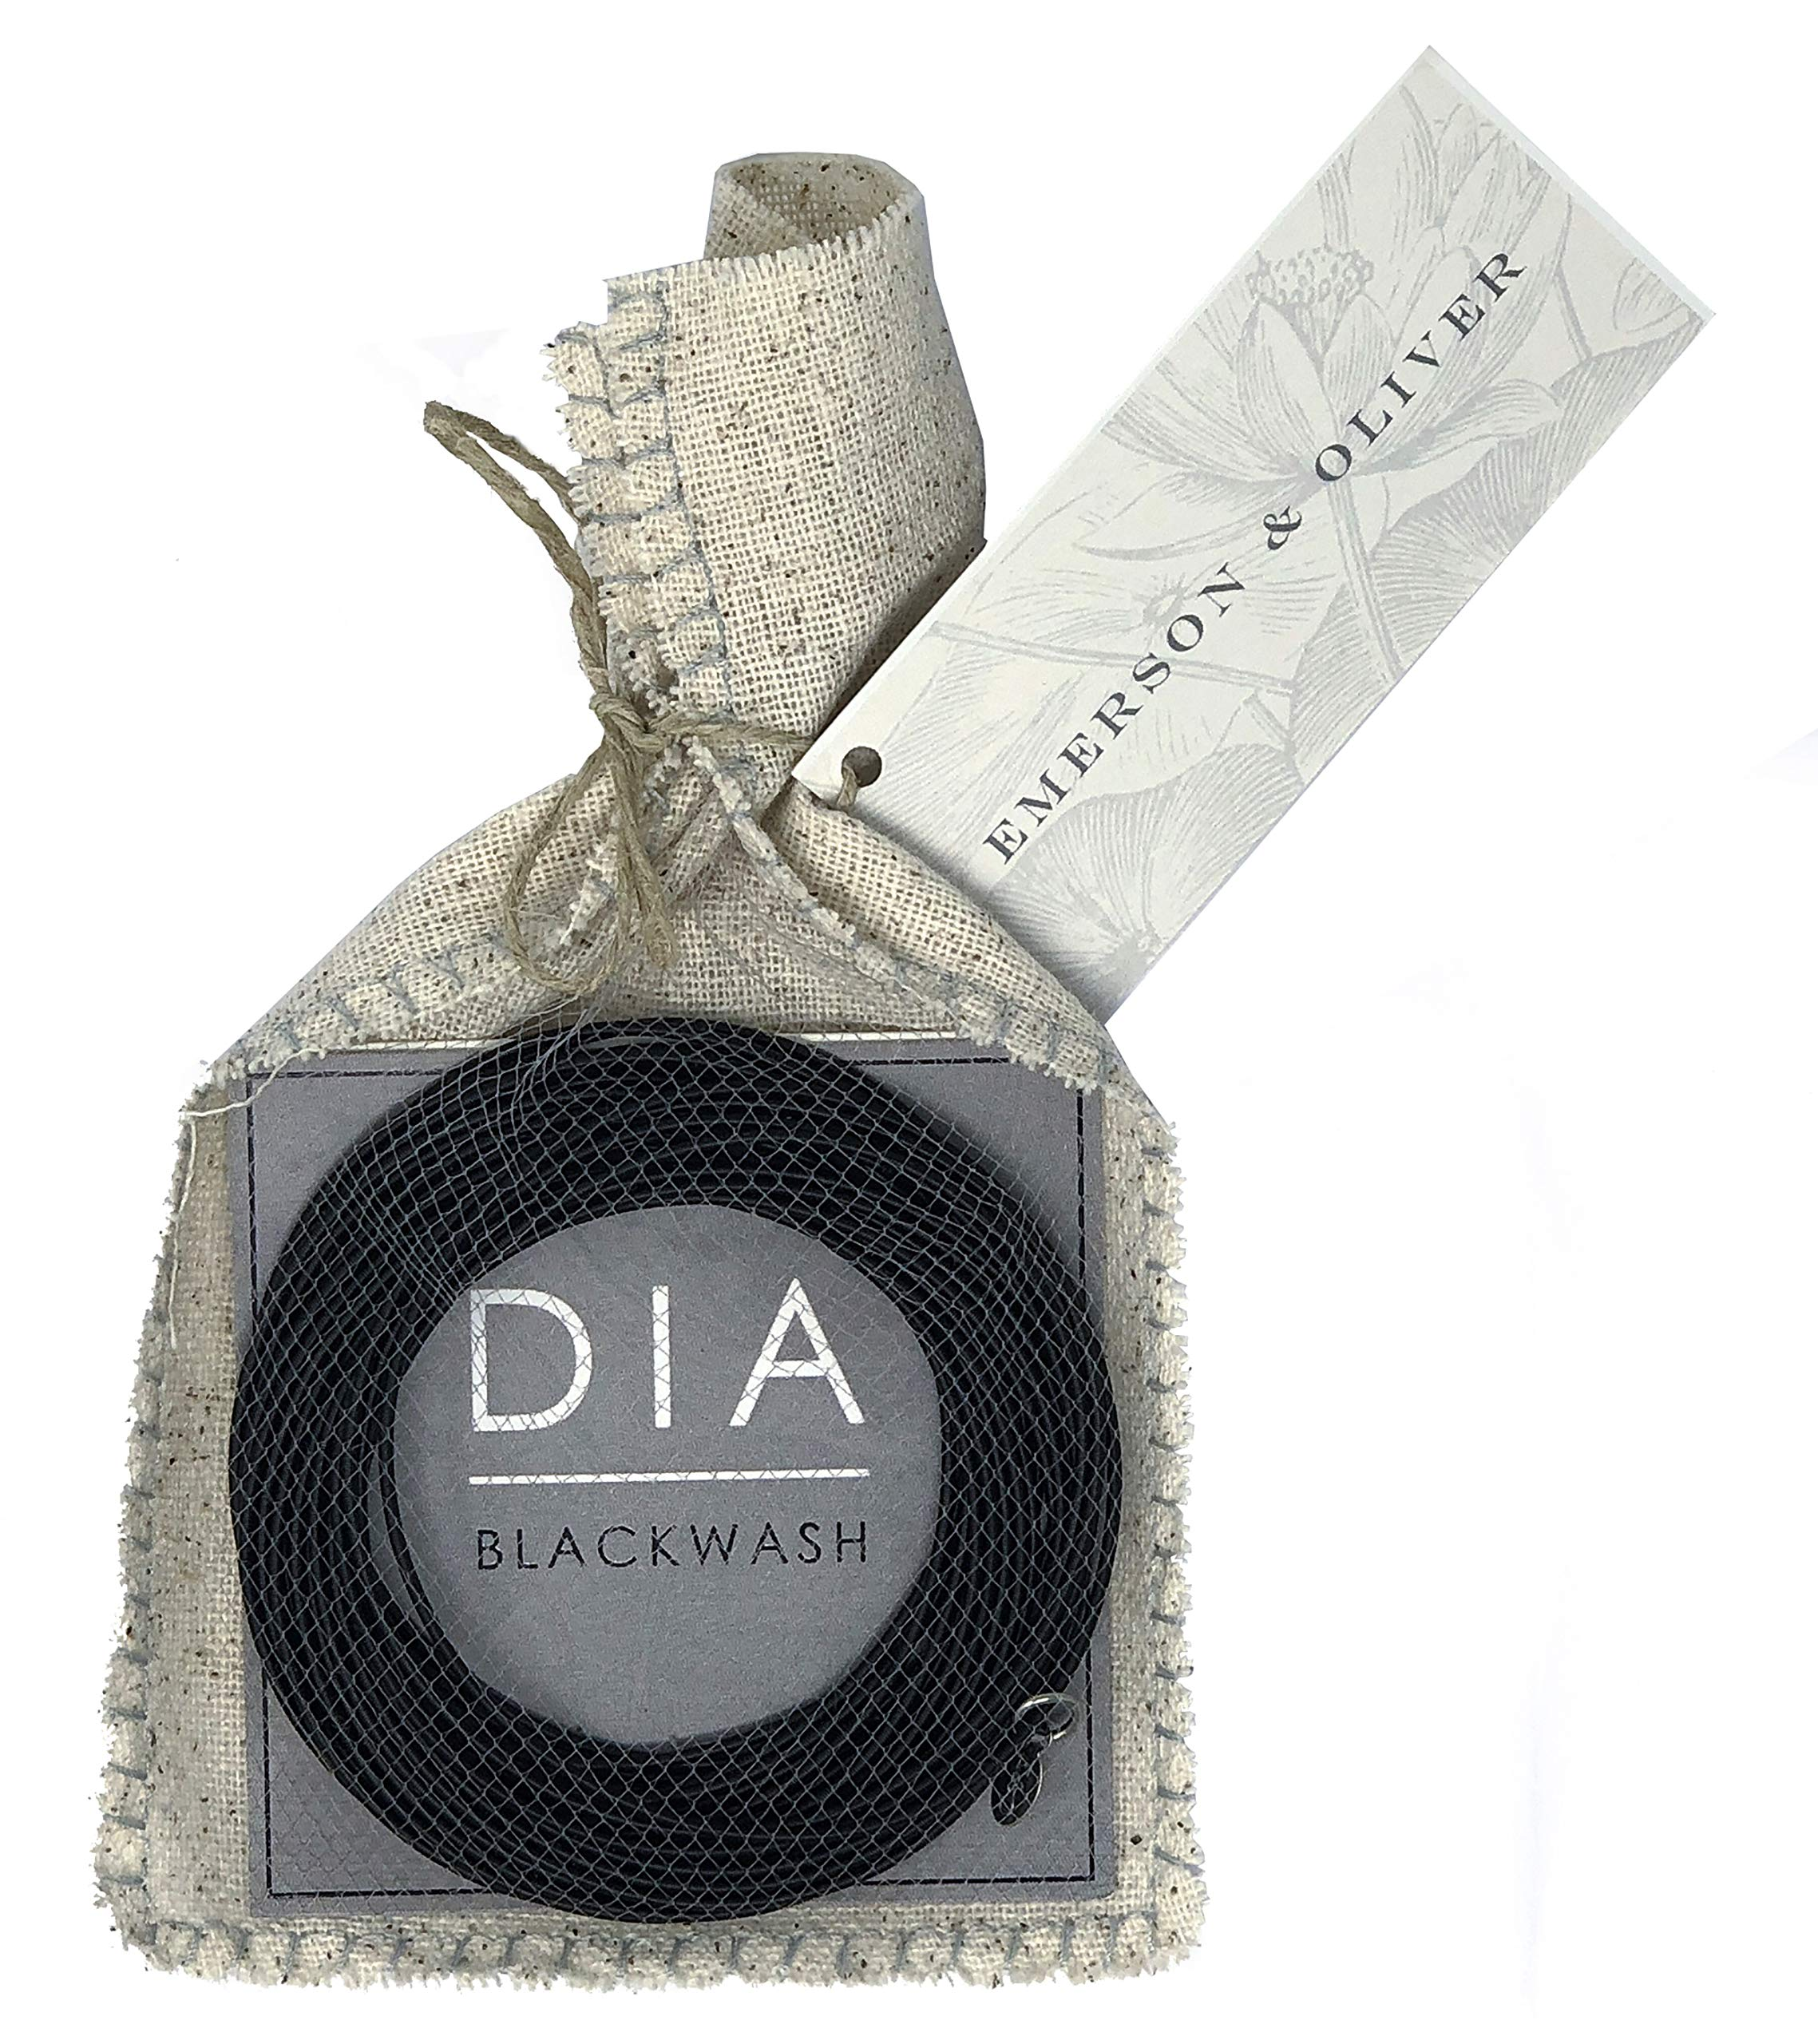 Emerson & Oliver Dia Spring Bracelets – Set of Blackwash Matte Black Simple, Inspirational, Boho, Minimalist Bracelets (25)